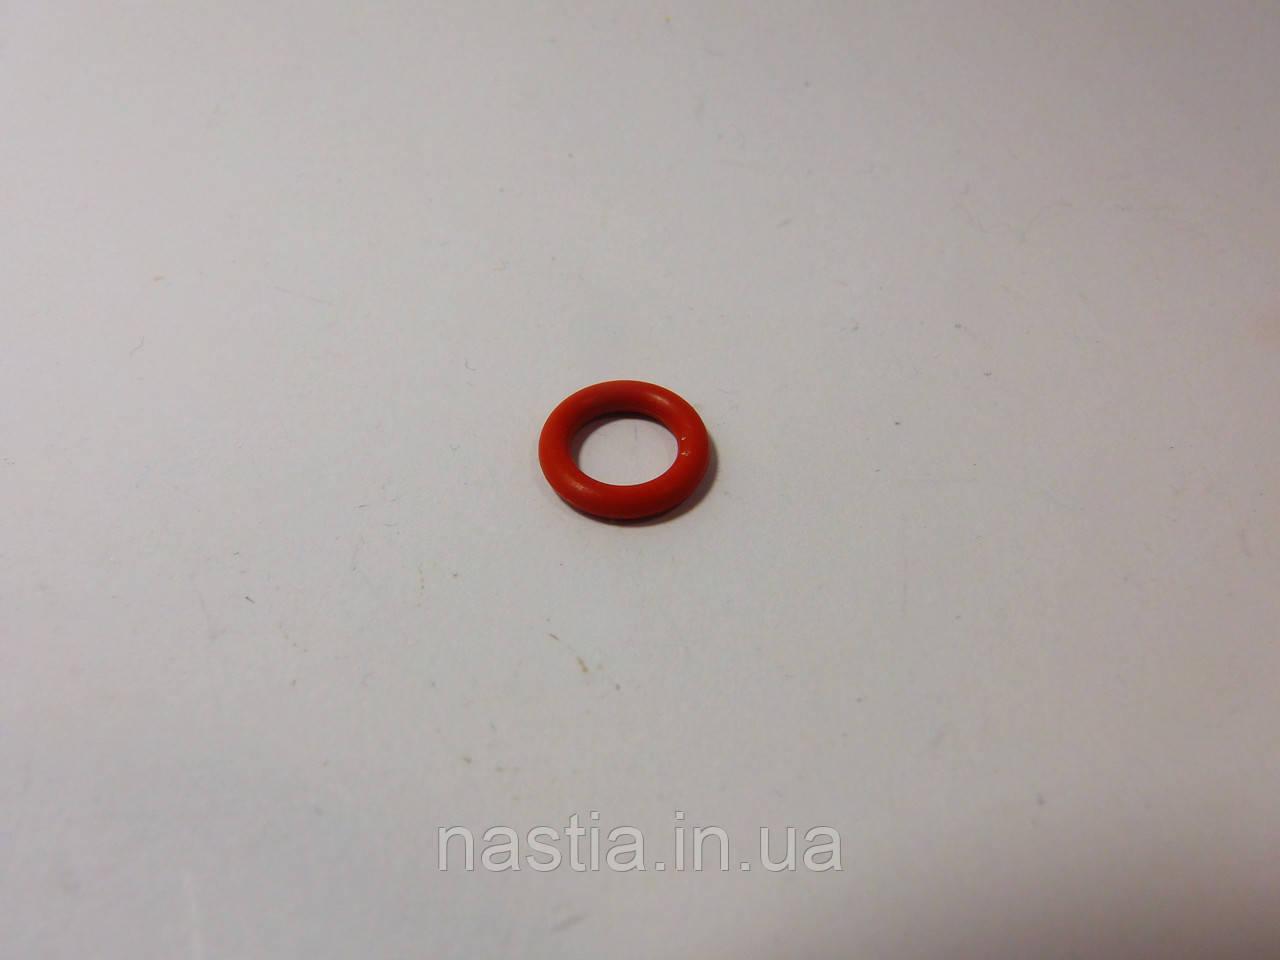 А NM01.008 (NM02.004) Гумовий ущільнювач(на різьбу носика бойлера), OR 0080-20